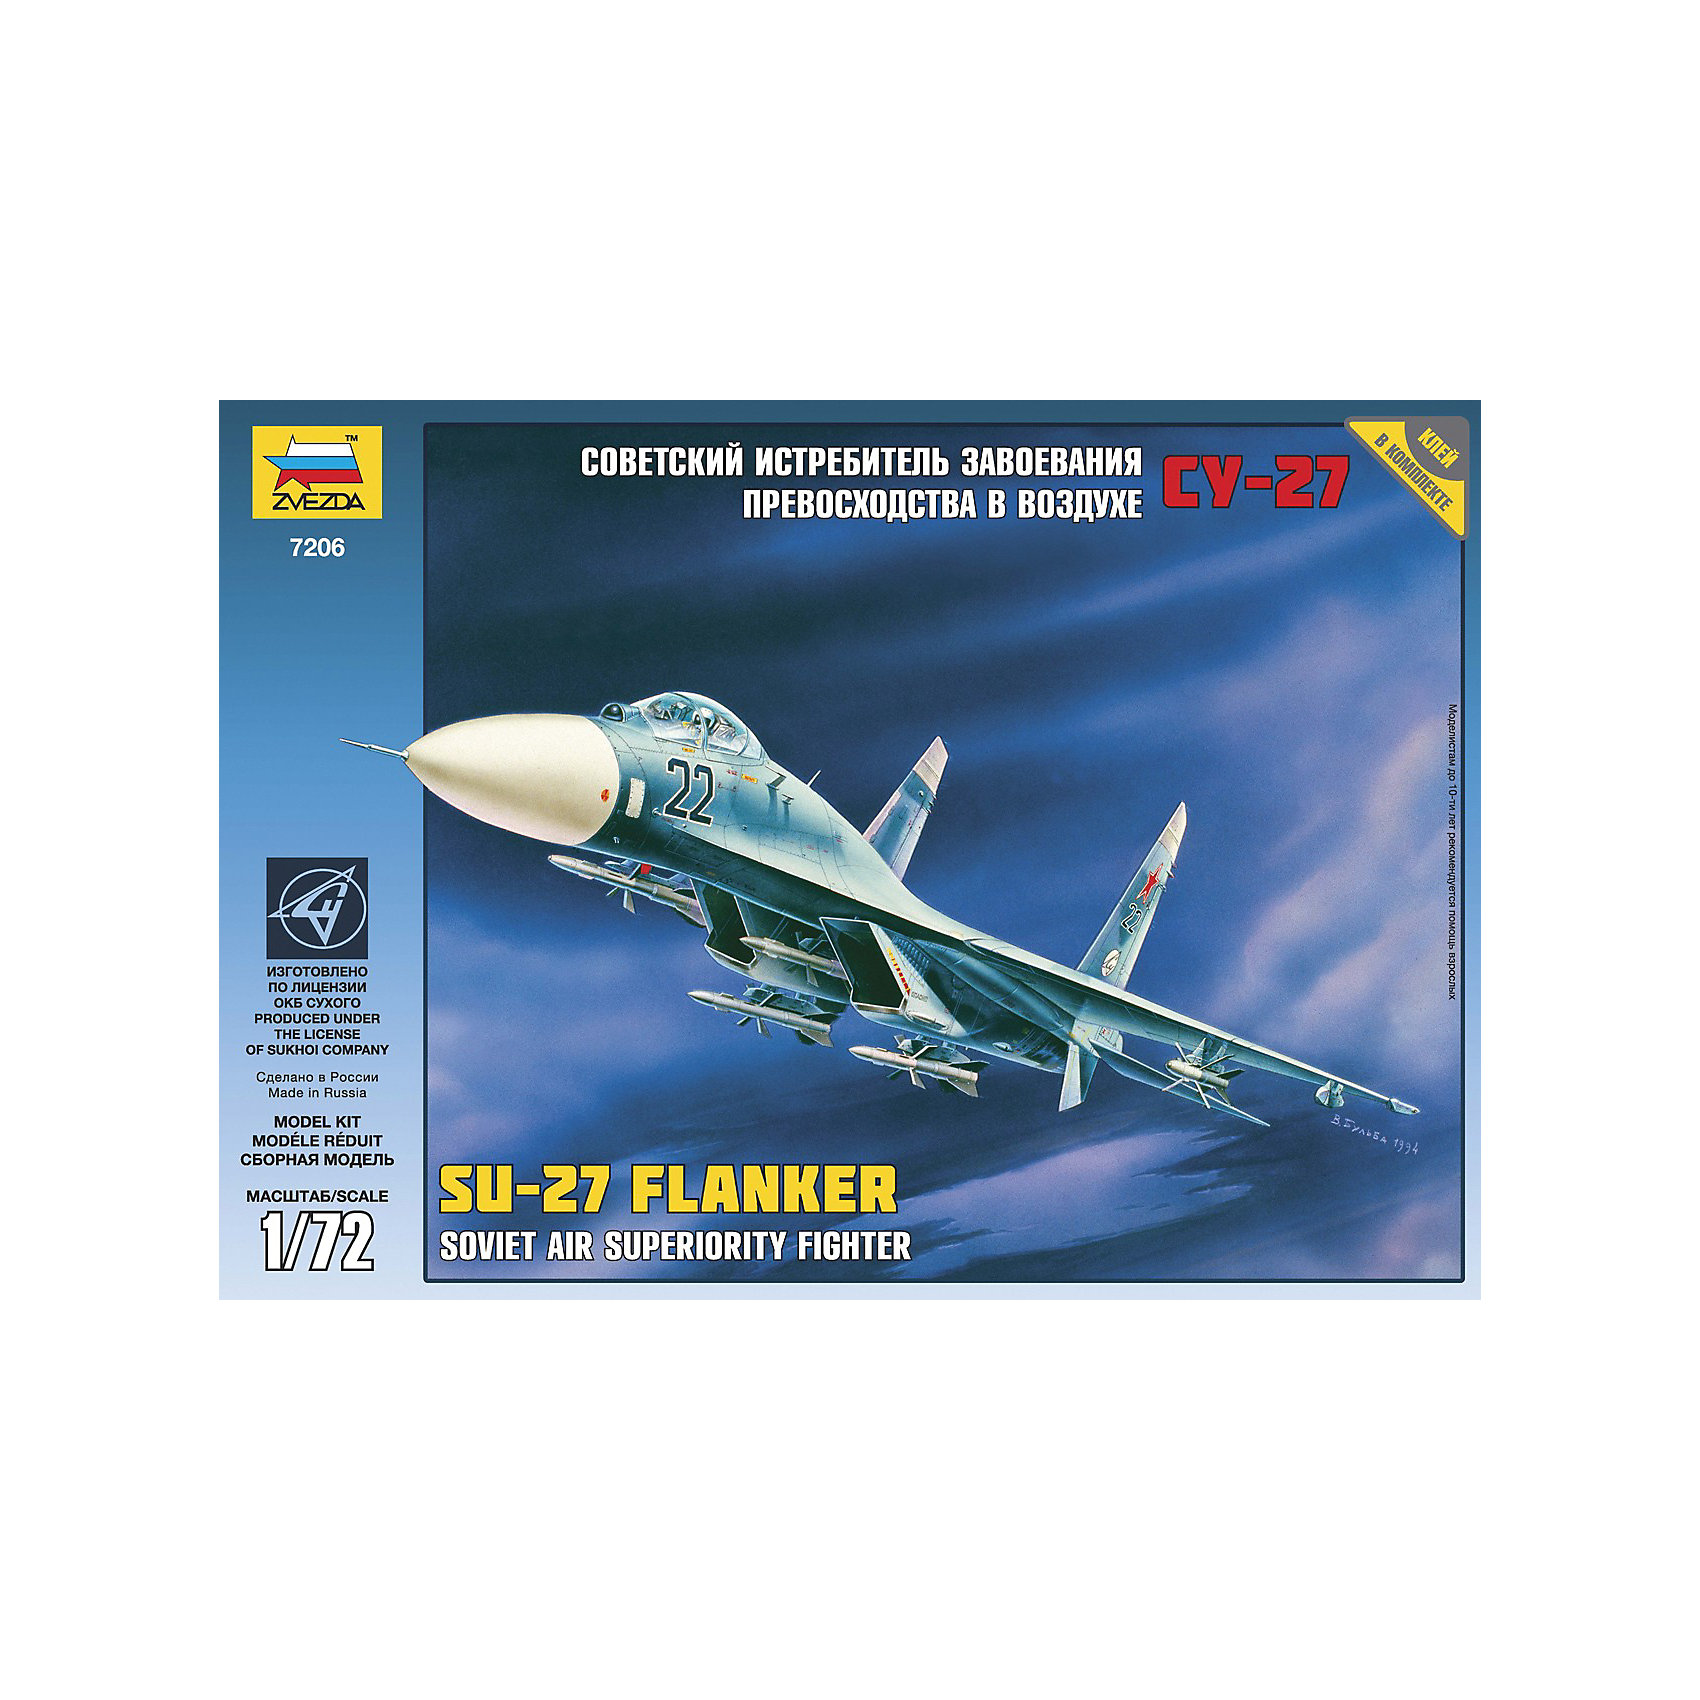 Сборная модель самолета Су-27, ЗвездаВоенный транспорт<br>Сборная модель самолета Су-27, Звезда – стендовая сборная пластиковая модель российского истребителя «Су-27» в масштабе 1:72. Самолет был принят на вооружение советских ВВС в начале 80-х годов, и на его основе было разработано целое семейство боевых машин. <br><br>В дополнение к сборной модели необходимы клей и краска. Подробная инструкция обеспечит точность и правильность сборки. Набор комплектуется декалью – картинкой, которую можно перенести на готовую модель, чтобы сборная модель самолета стала еще больше похожа на настоящий самолет. <br><br>Особенности:<br>-Количество деталей: 105<br>-Качество изготовления наивысшее<br>-Идеально подходит для подарка<br>-Прививает практические навыки работы со схемами и чертежами<br>-Развивает интеллектуальные способности, воображение и конструктивное мышление, мелкую моторику, усидчивость, внимание<br><br>Дополнительная информация:<br>-Материал: пластик <br>-Размер готовой модели: 28 см<br>-Клей и краски в комплект набора не входят<br>-Комплектация: 105 шт. деталей, инструкция, декаль<br><br>Игрушка Сборная модель «Су-27» серии Звезда - это интересный и развивающий досуг для детей и их родителей!<br><br>Сборную модель самолета Су-27, Звезда можно купить в нашем магазине.<br><br>Ширина мм: 345<br>Глубина мм: 60<br>Высота мм: 242<br>Вес г: 300<br>Возраст от месяцев: 36<br>Возраст до месяцев: 168<br>Пол: Мужской<br>Возраст: Детский<br>SKU: 3676473